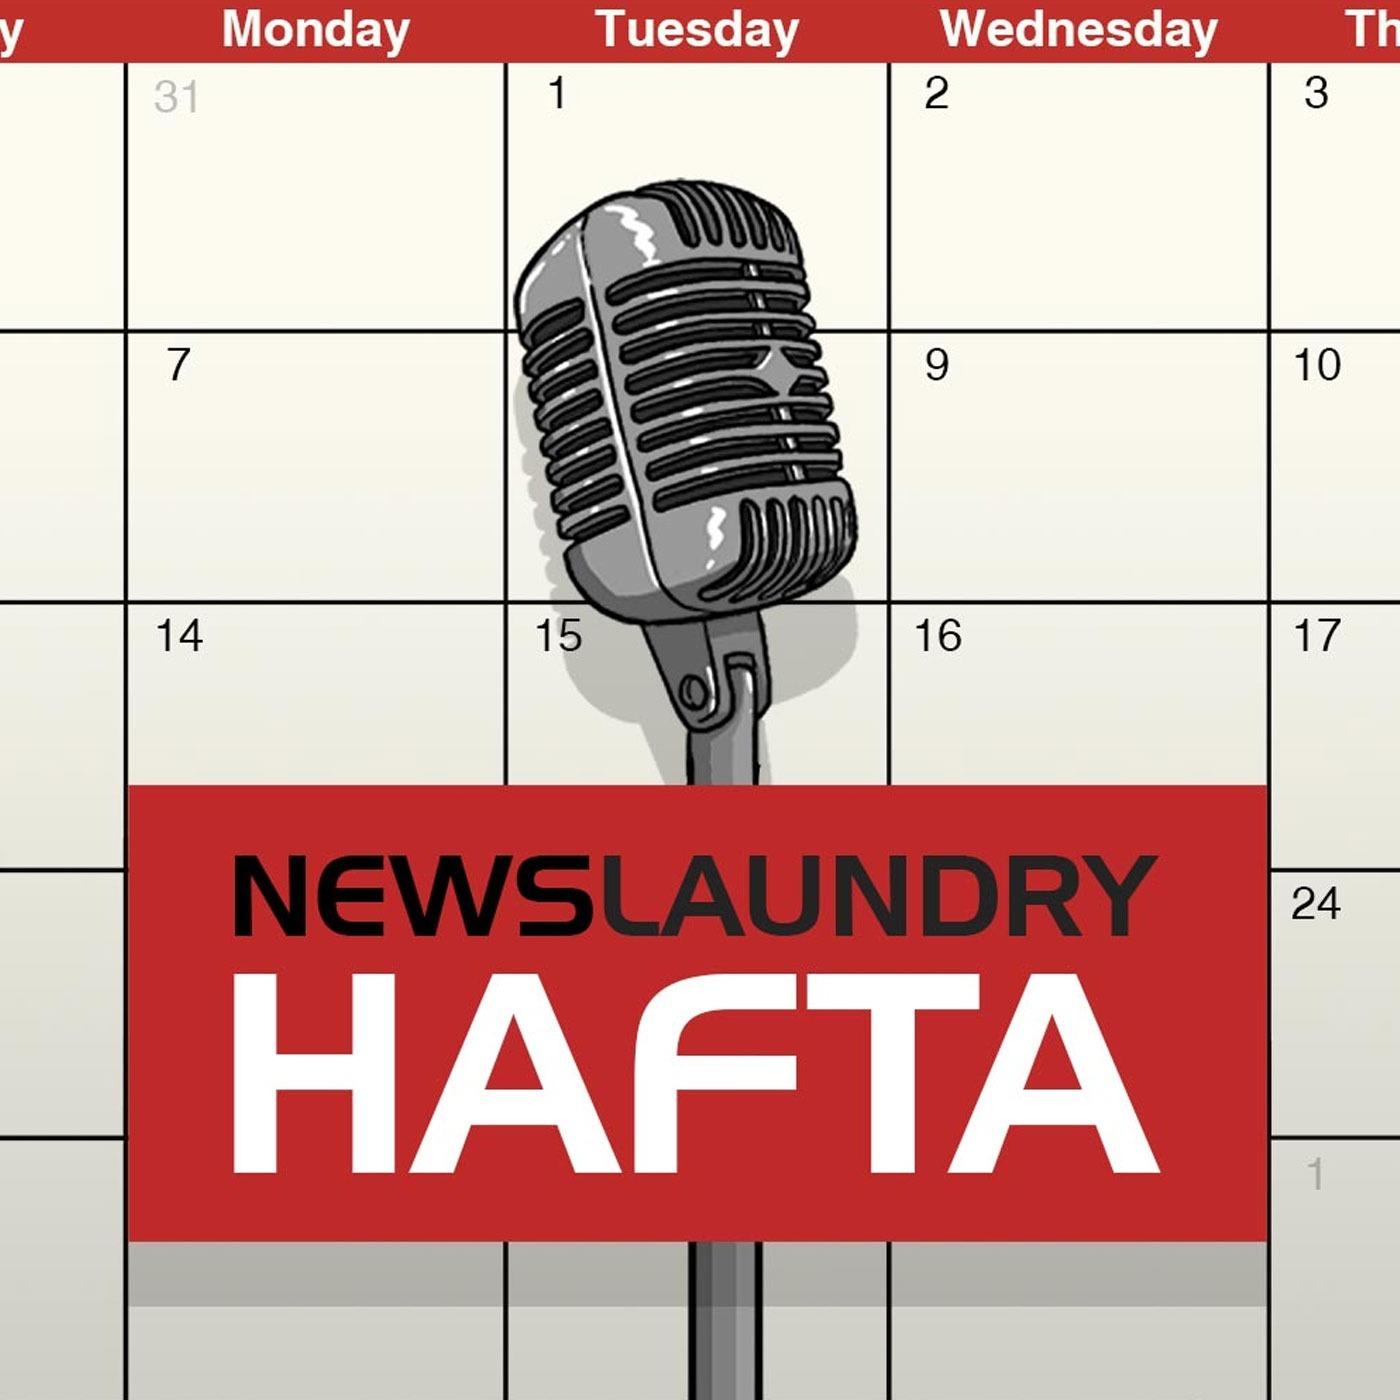 Hafta 234: RTI Amendment, Trump on Kashmir, Letter Wars and more